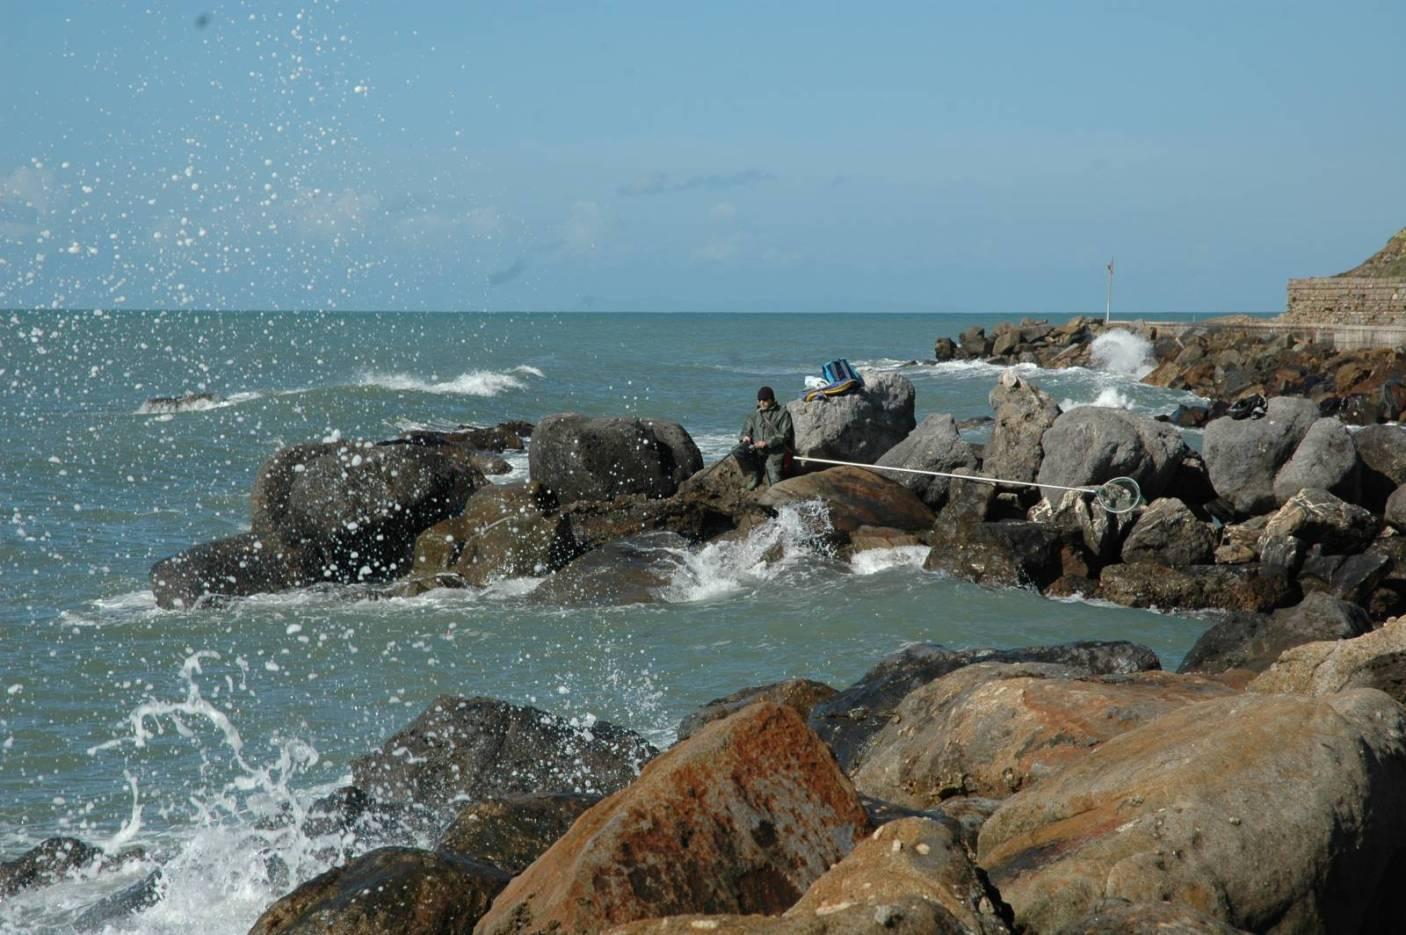 Il colore dell'acqua ideale per una battuta di pesca in bolognese